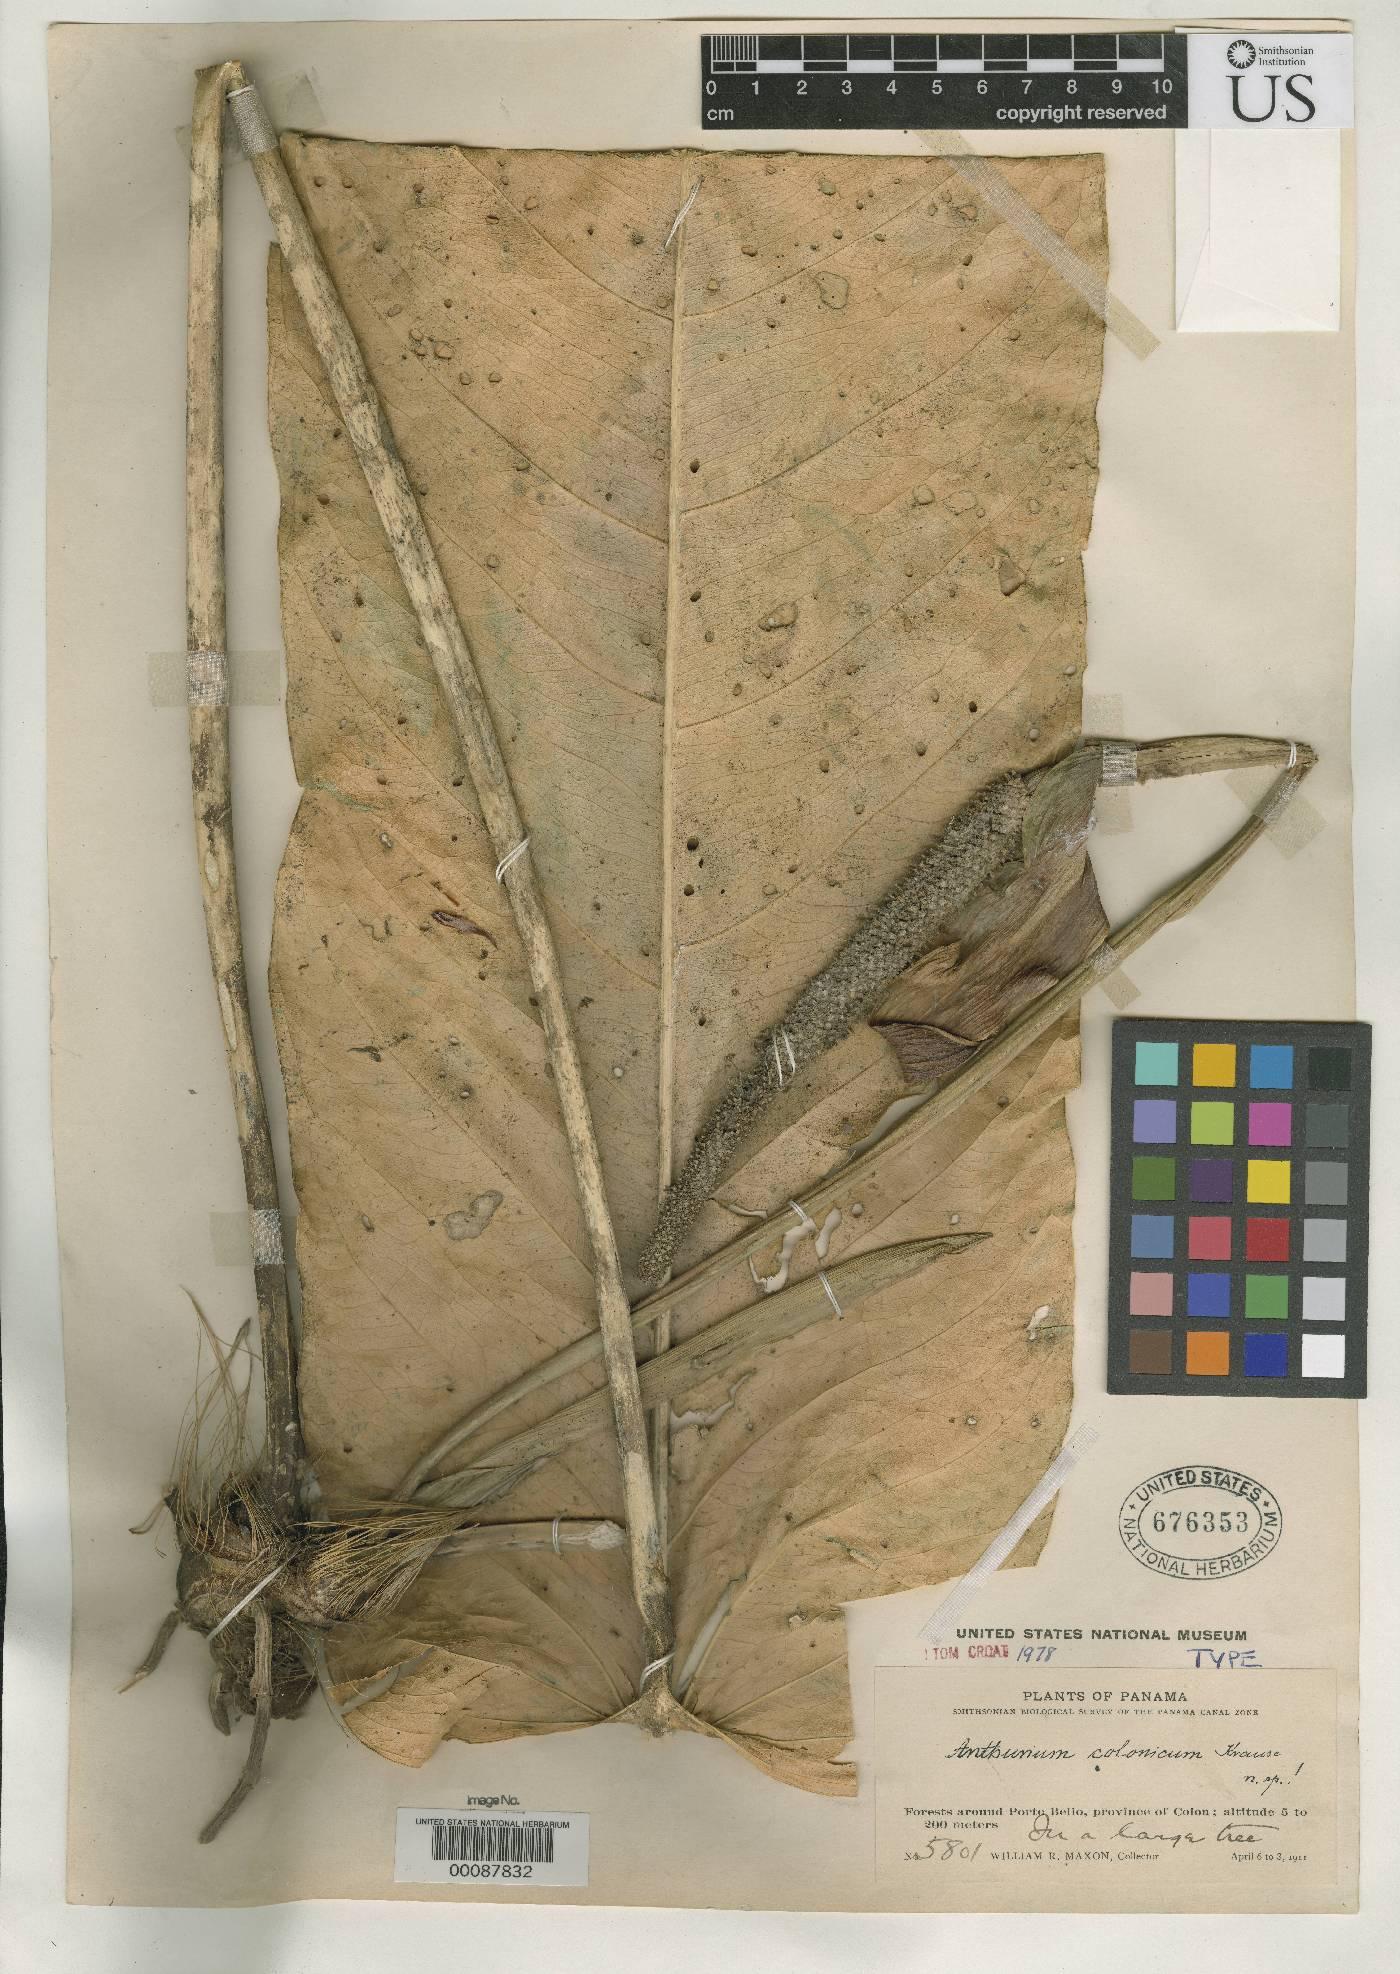 Anthurium colonicum image